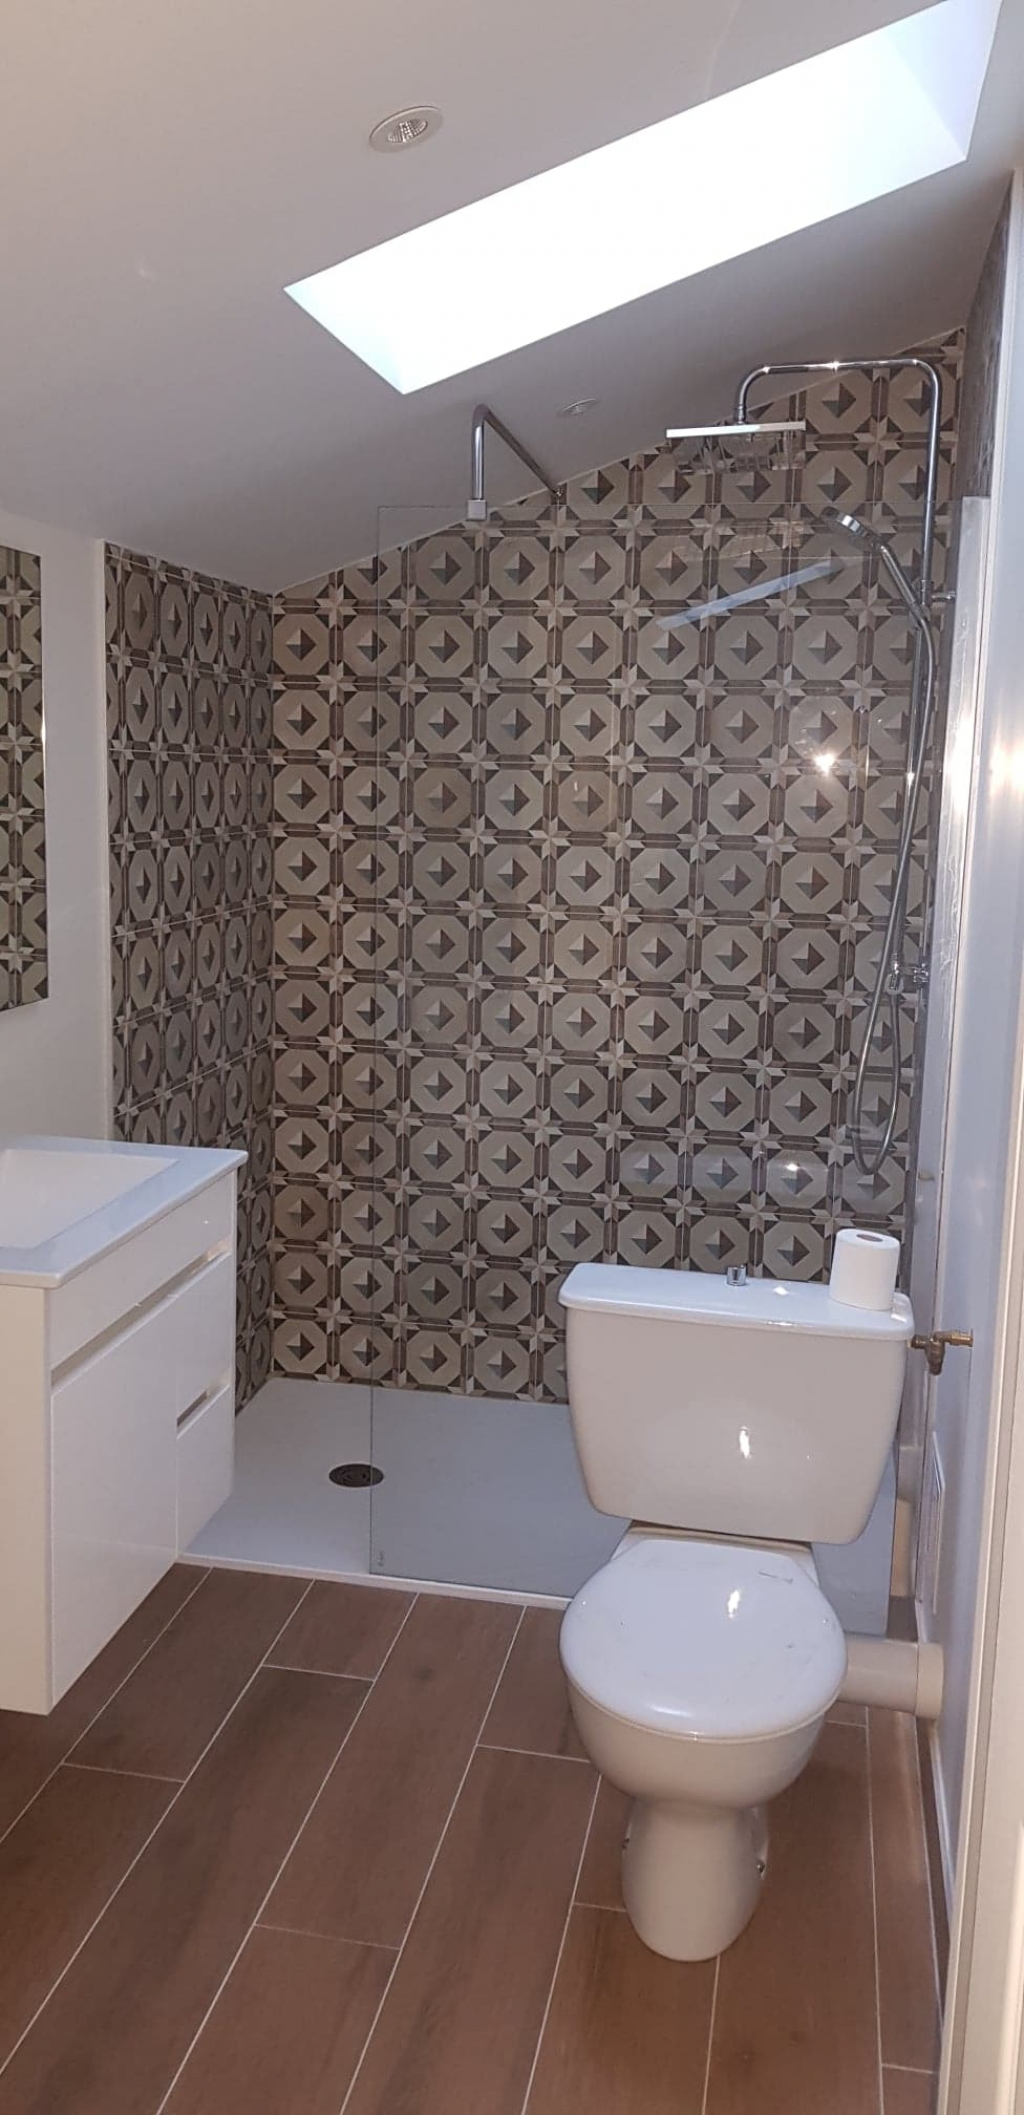 Plombier Boigneville 91 : Changement de la salle de bain par une salle d'eau